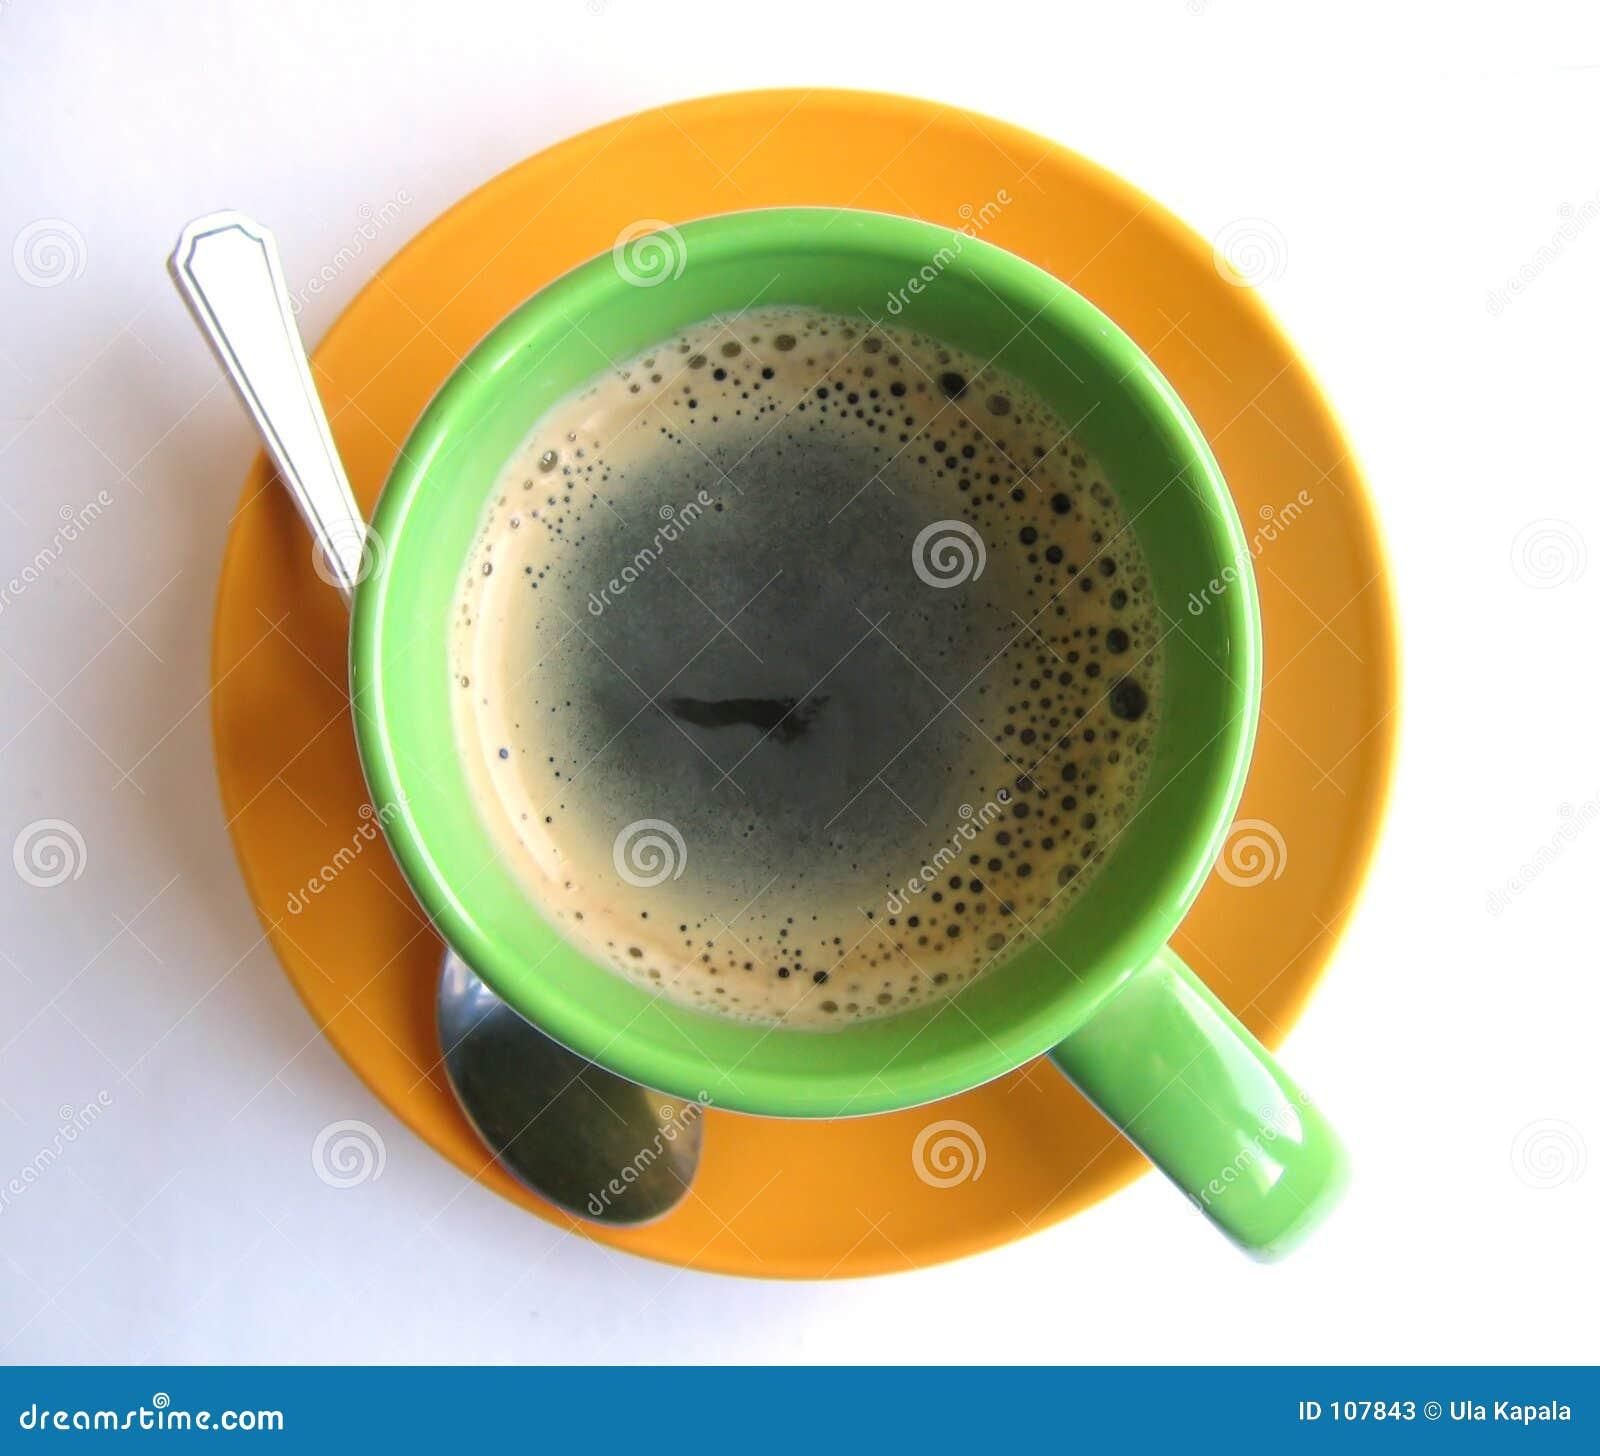 Coffee #3